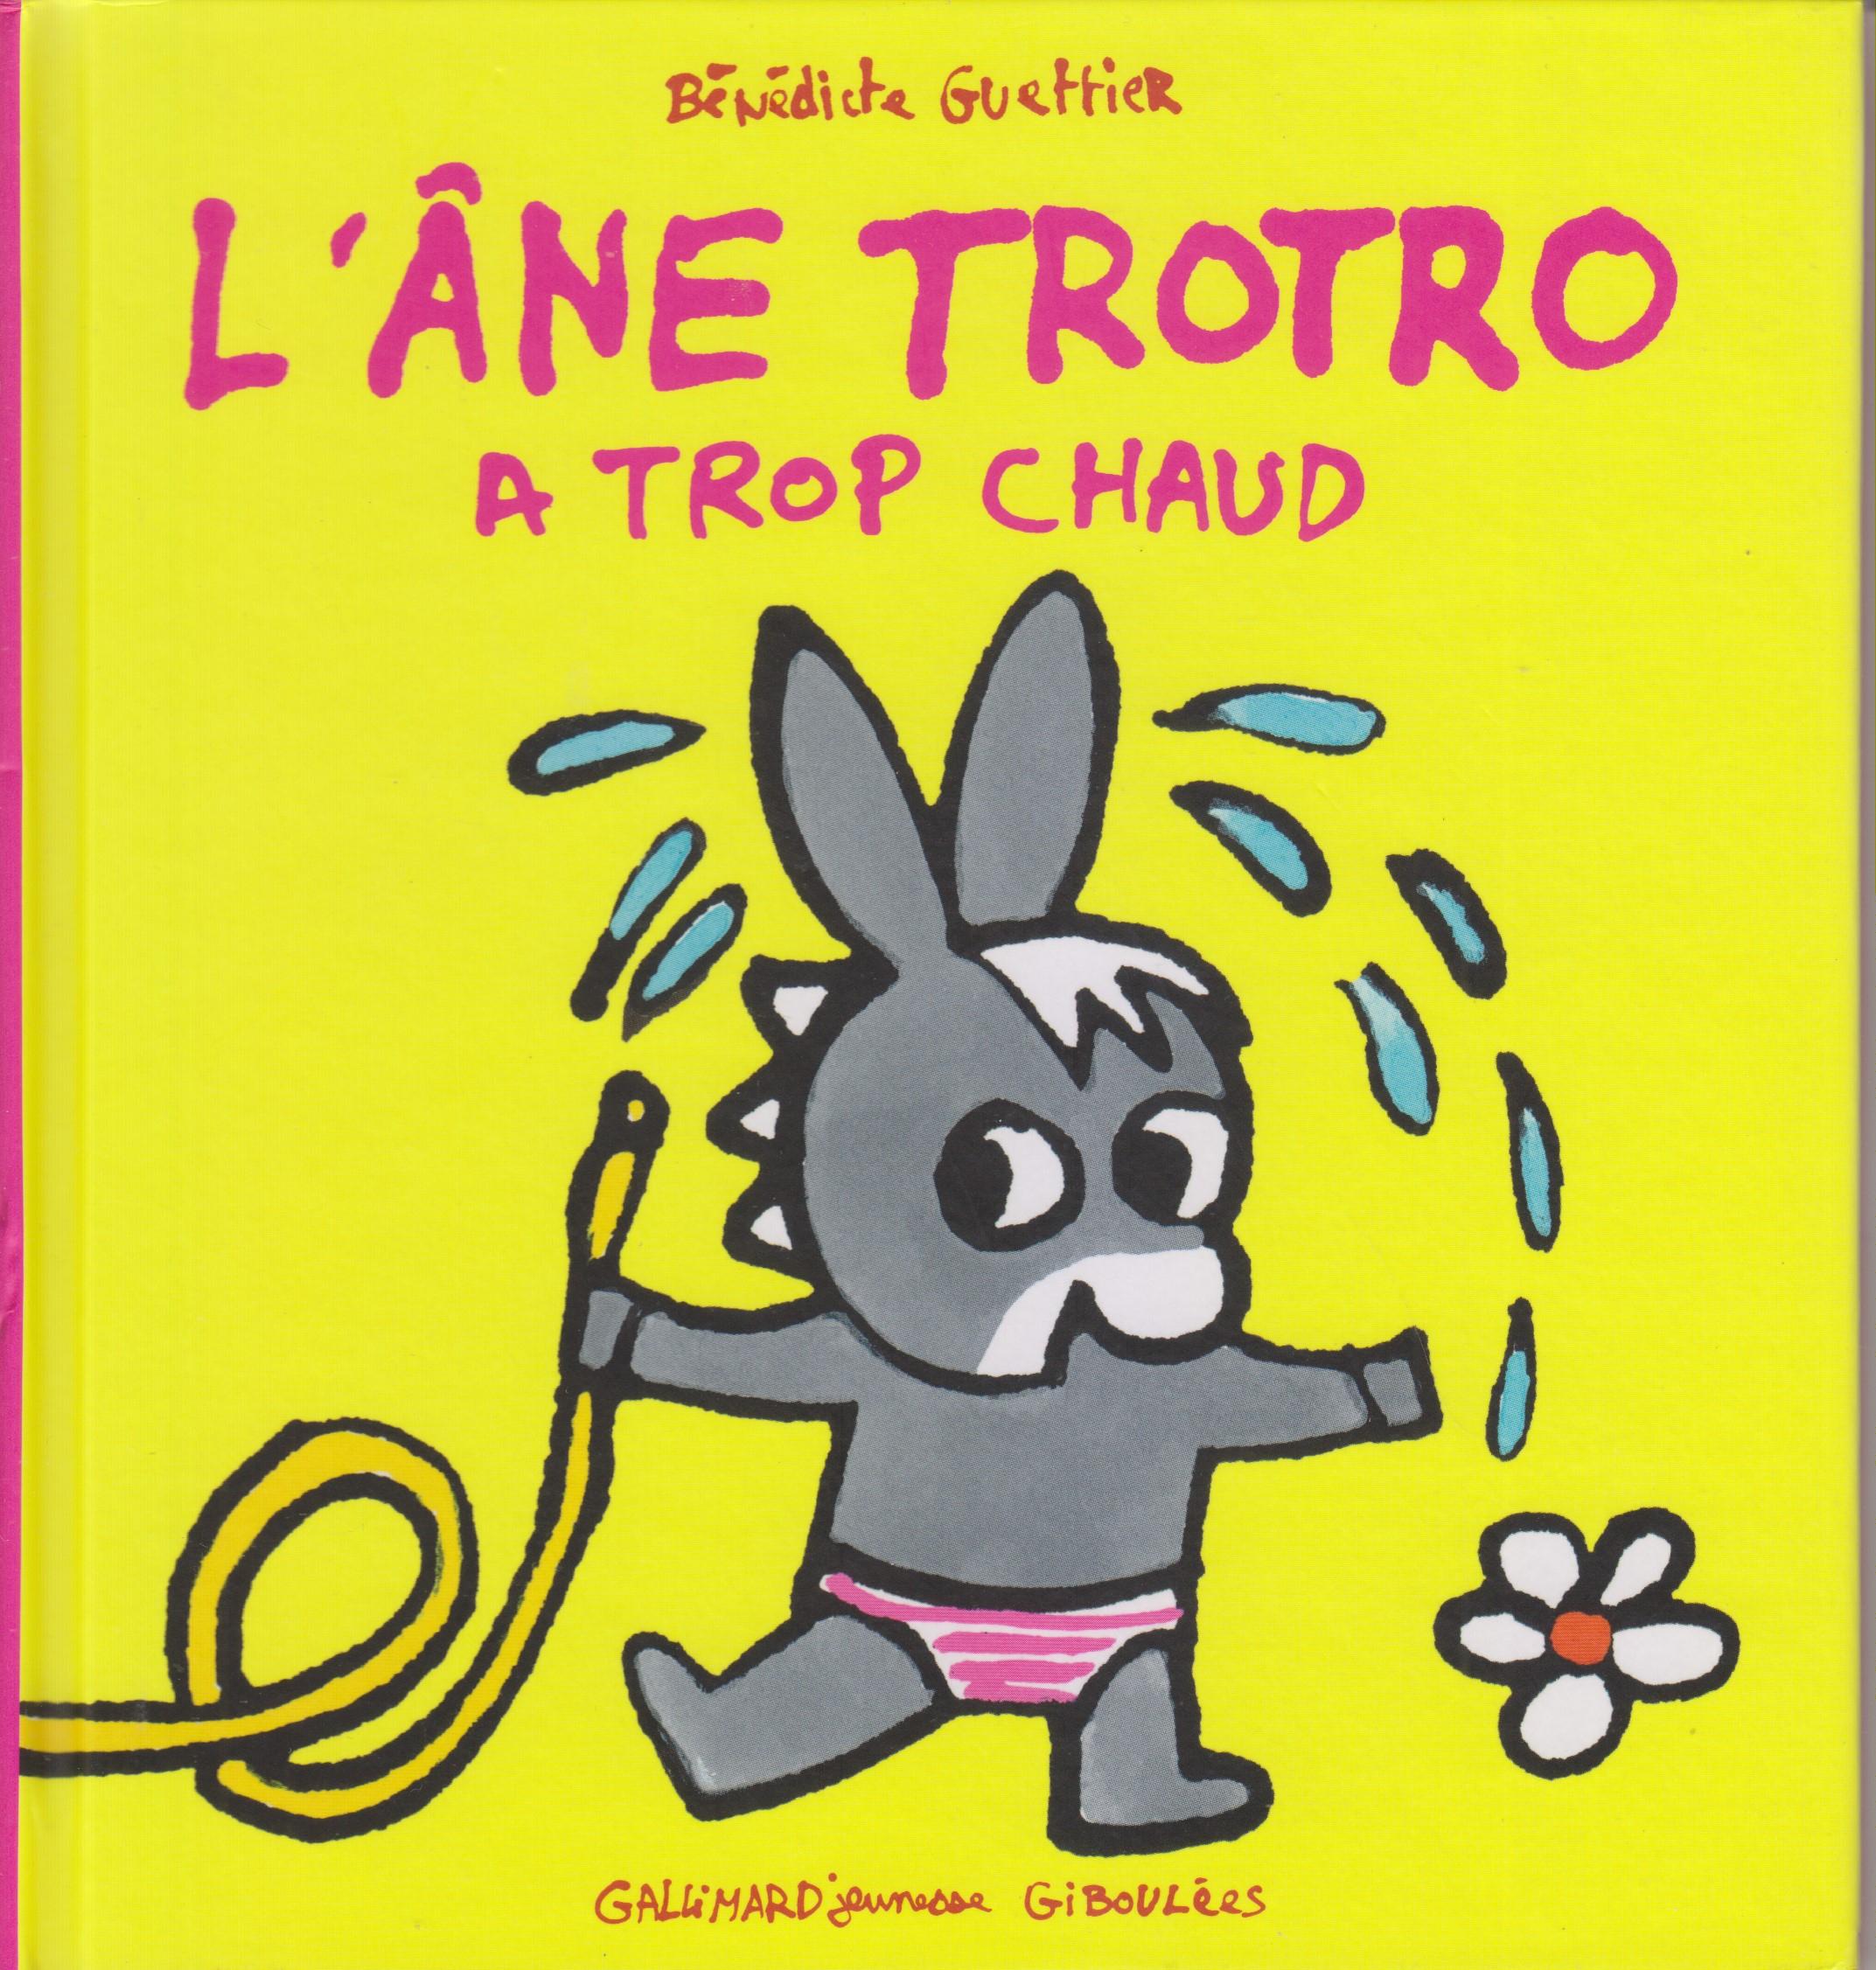 Livres - L'âne Trotro - Olobee tout Doudou Ane Trotro